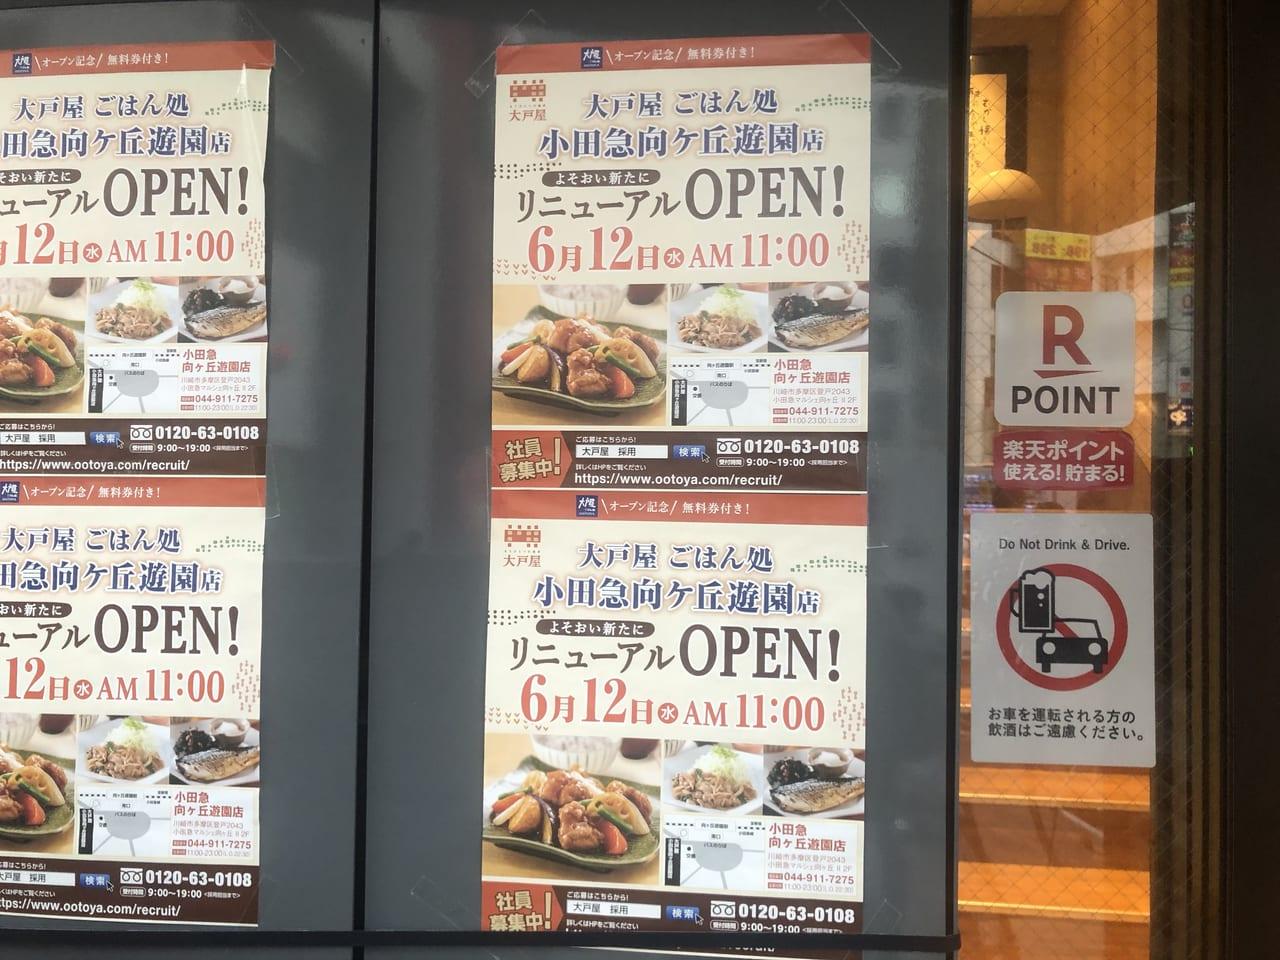 向ヶ丘遊園大戸屋リニューアル(2019年撮影)2